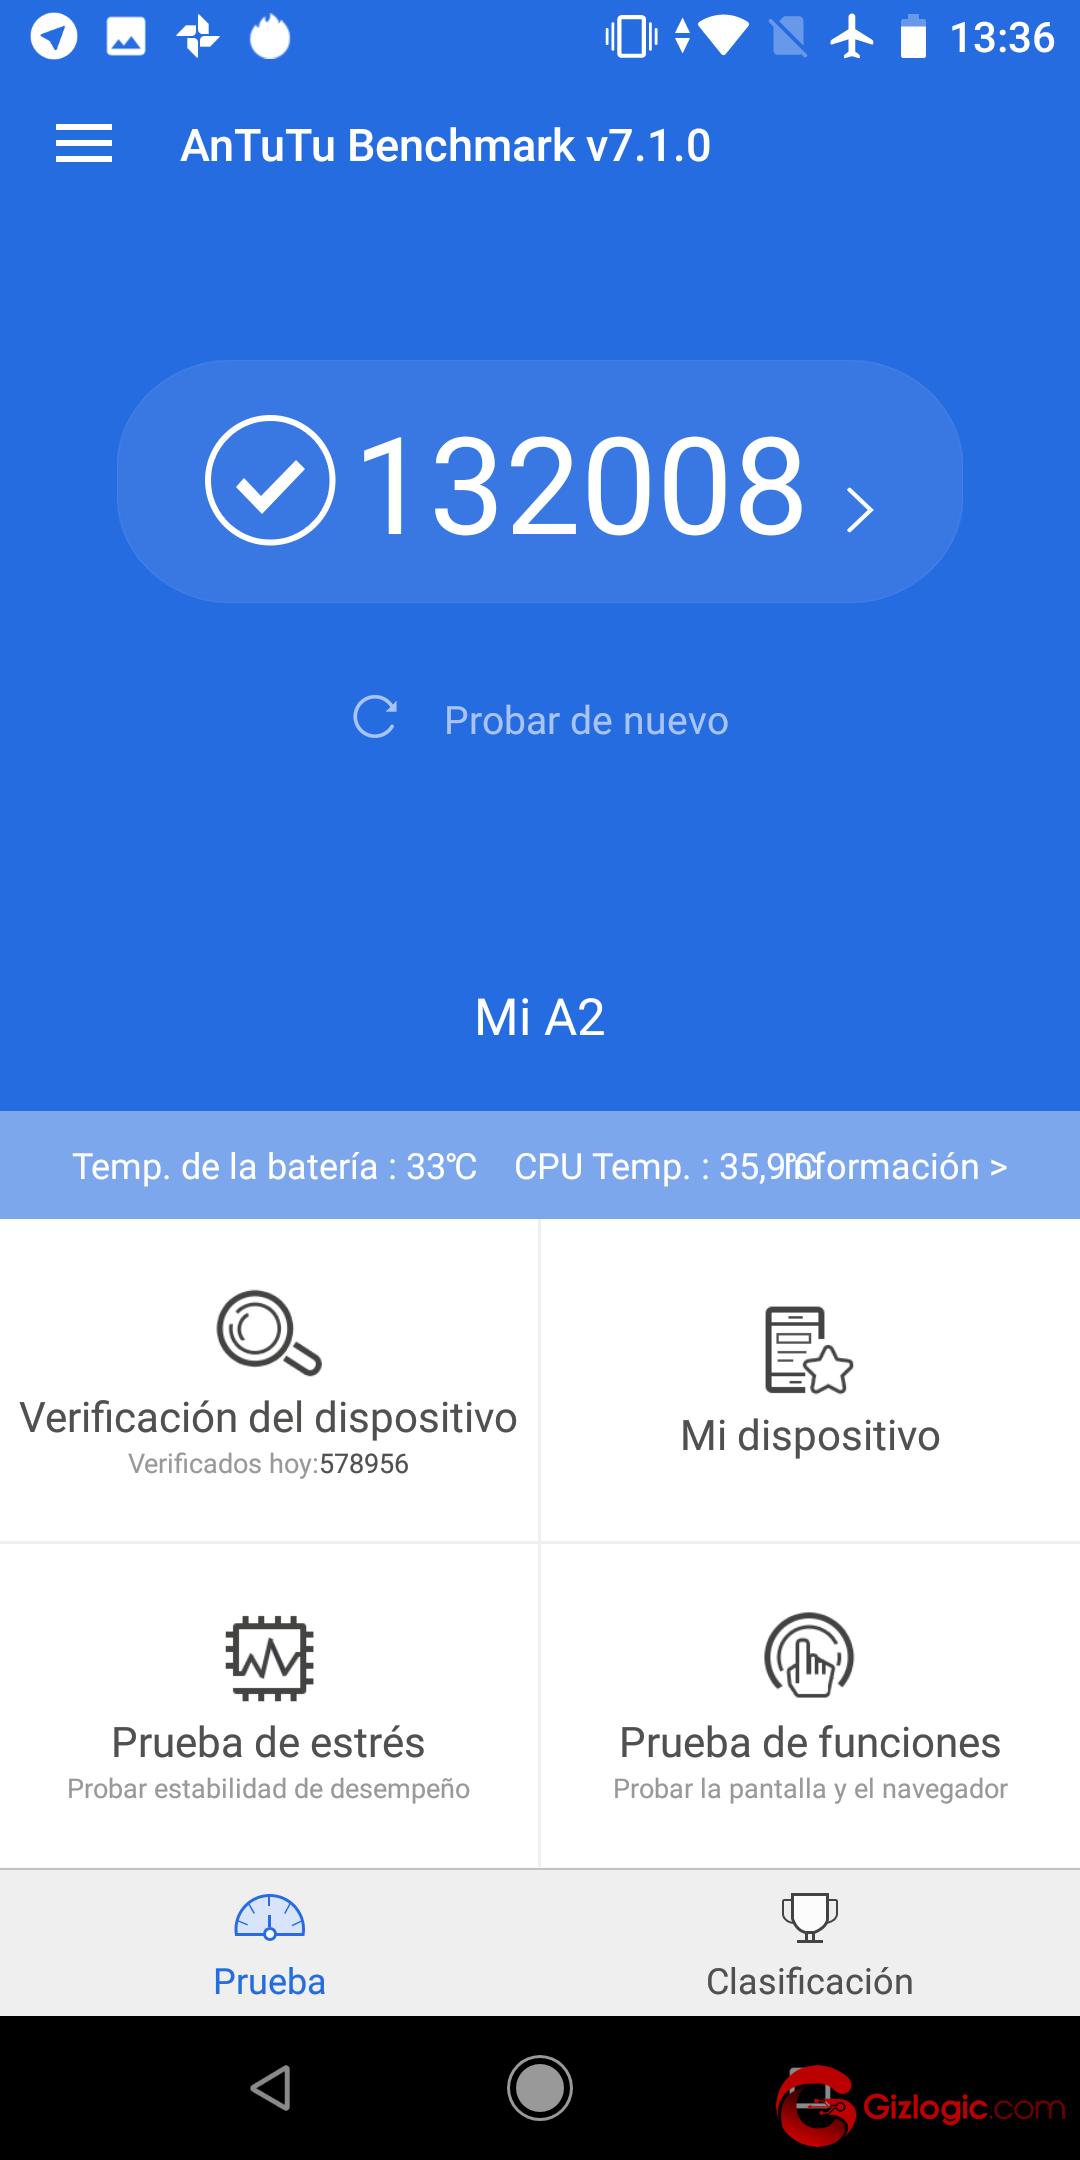 Puntuación Benchmark Xiaomi MiA2